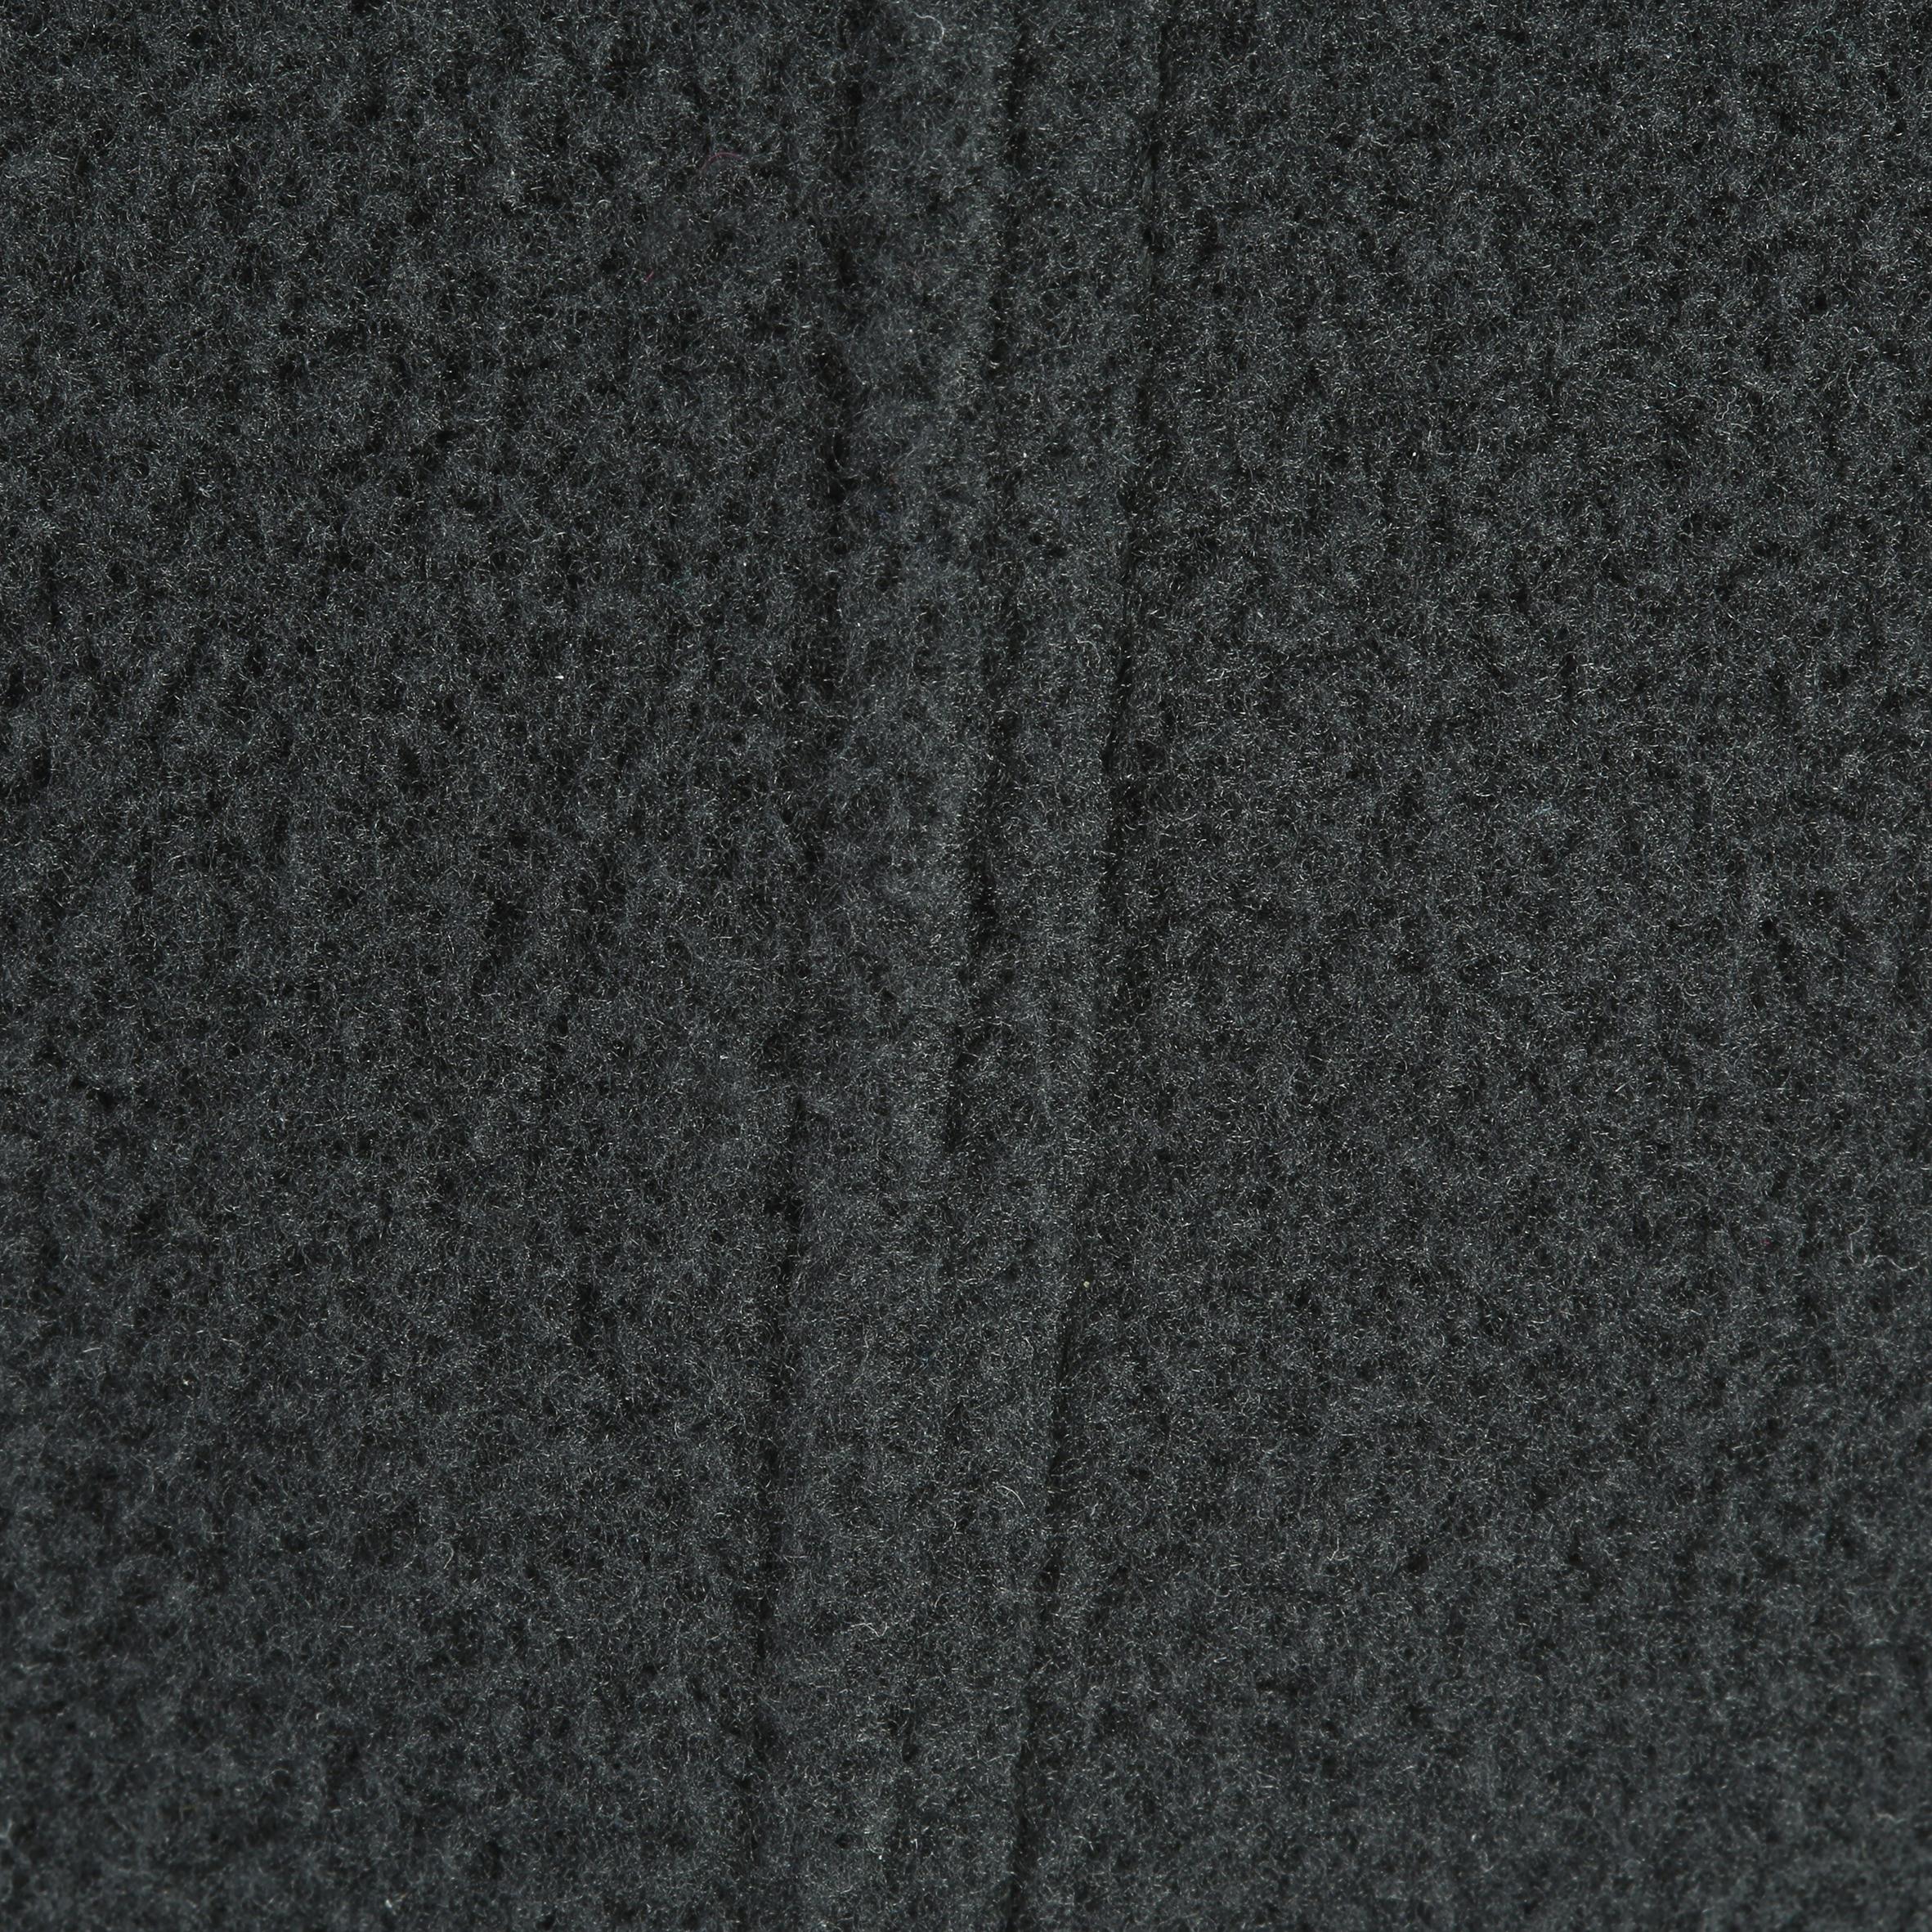 ADULT FLEECE SKI BALACLAVA BLACK